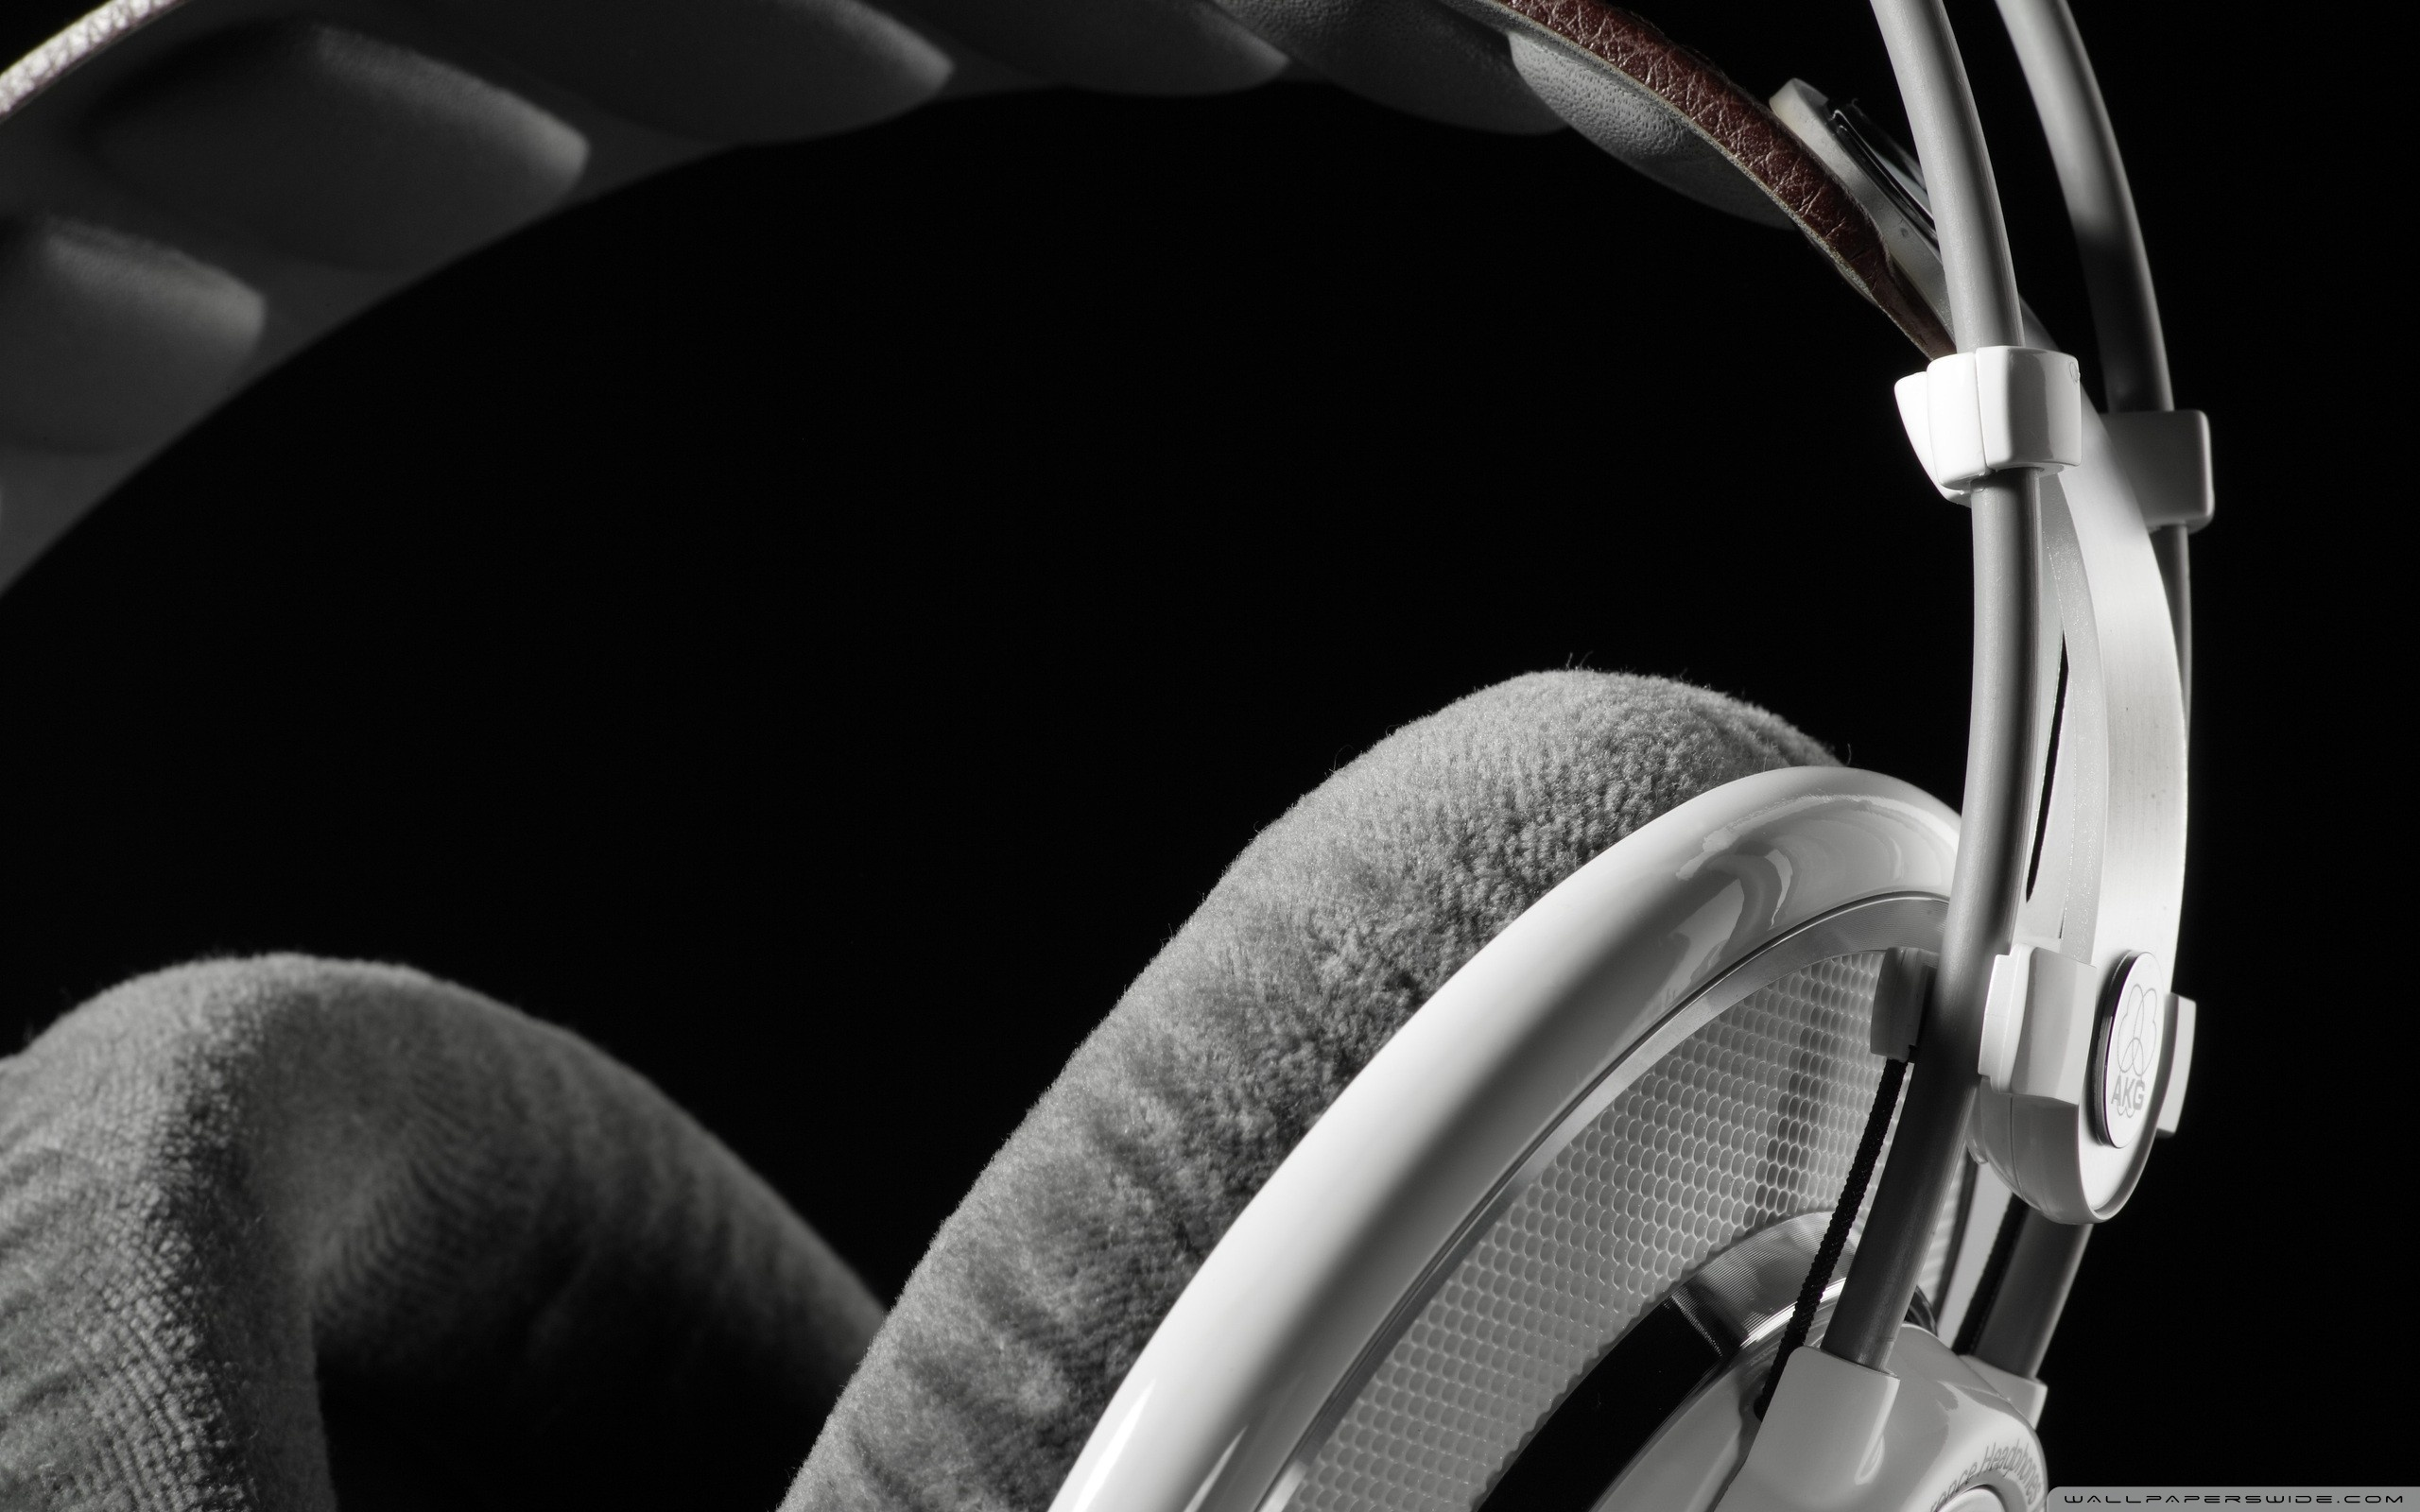 headphones_close_up-wallpaper-2560x1600